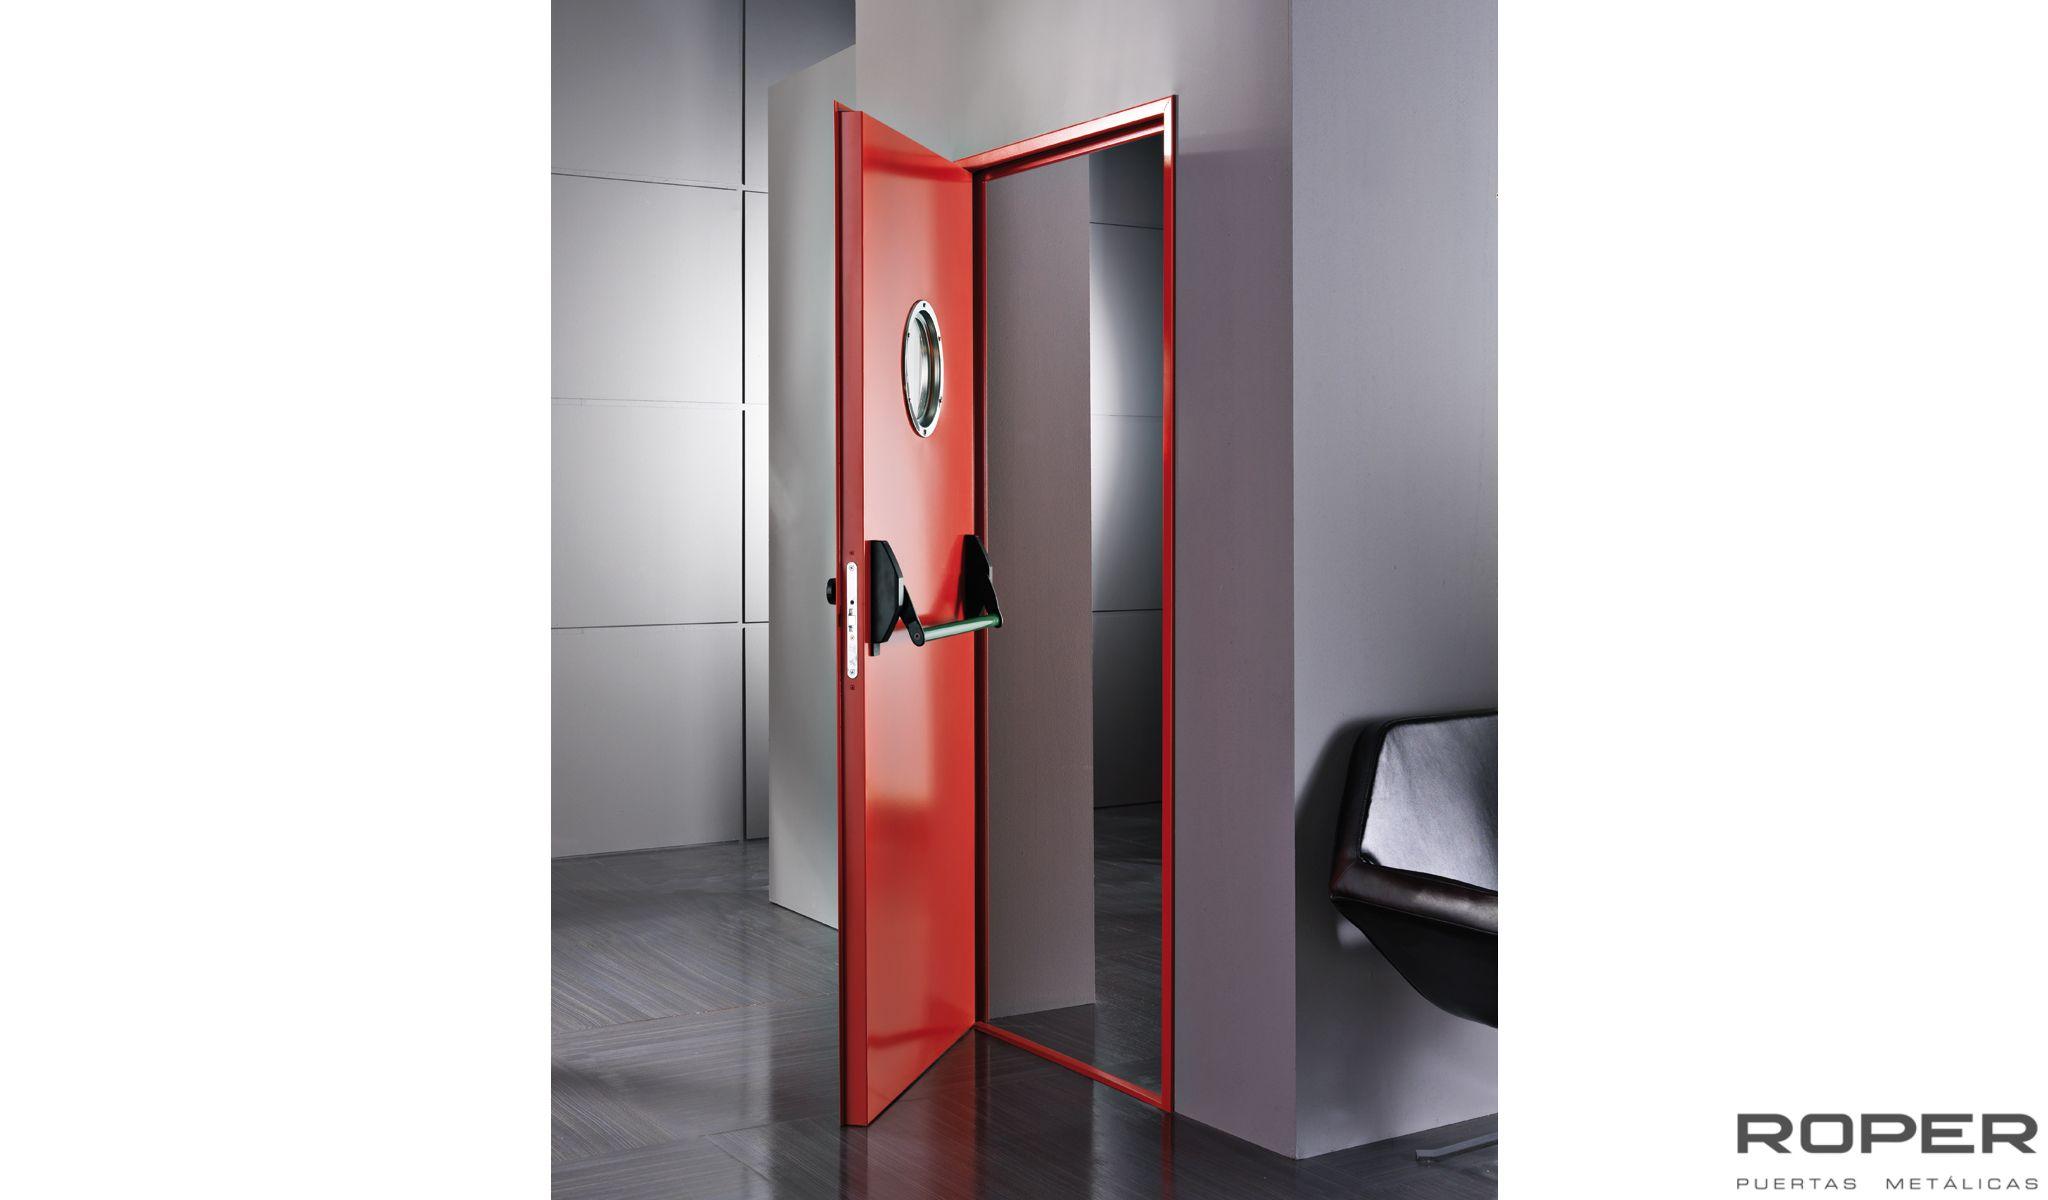 D nde es necesario instalar puertas cortafuego - Puertas roper ...